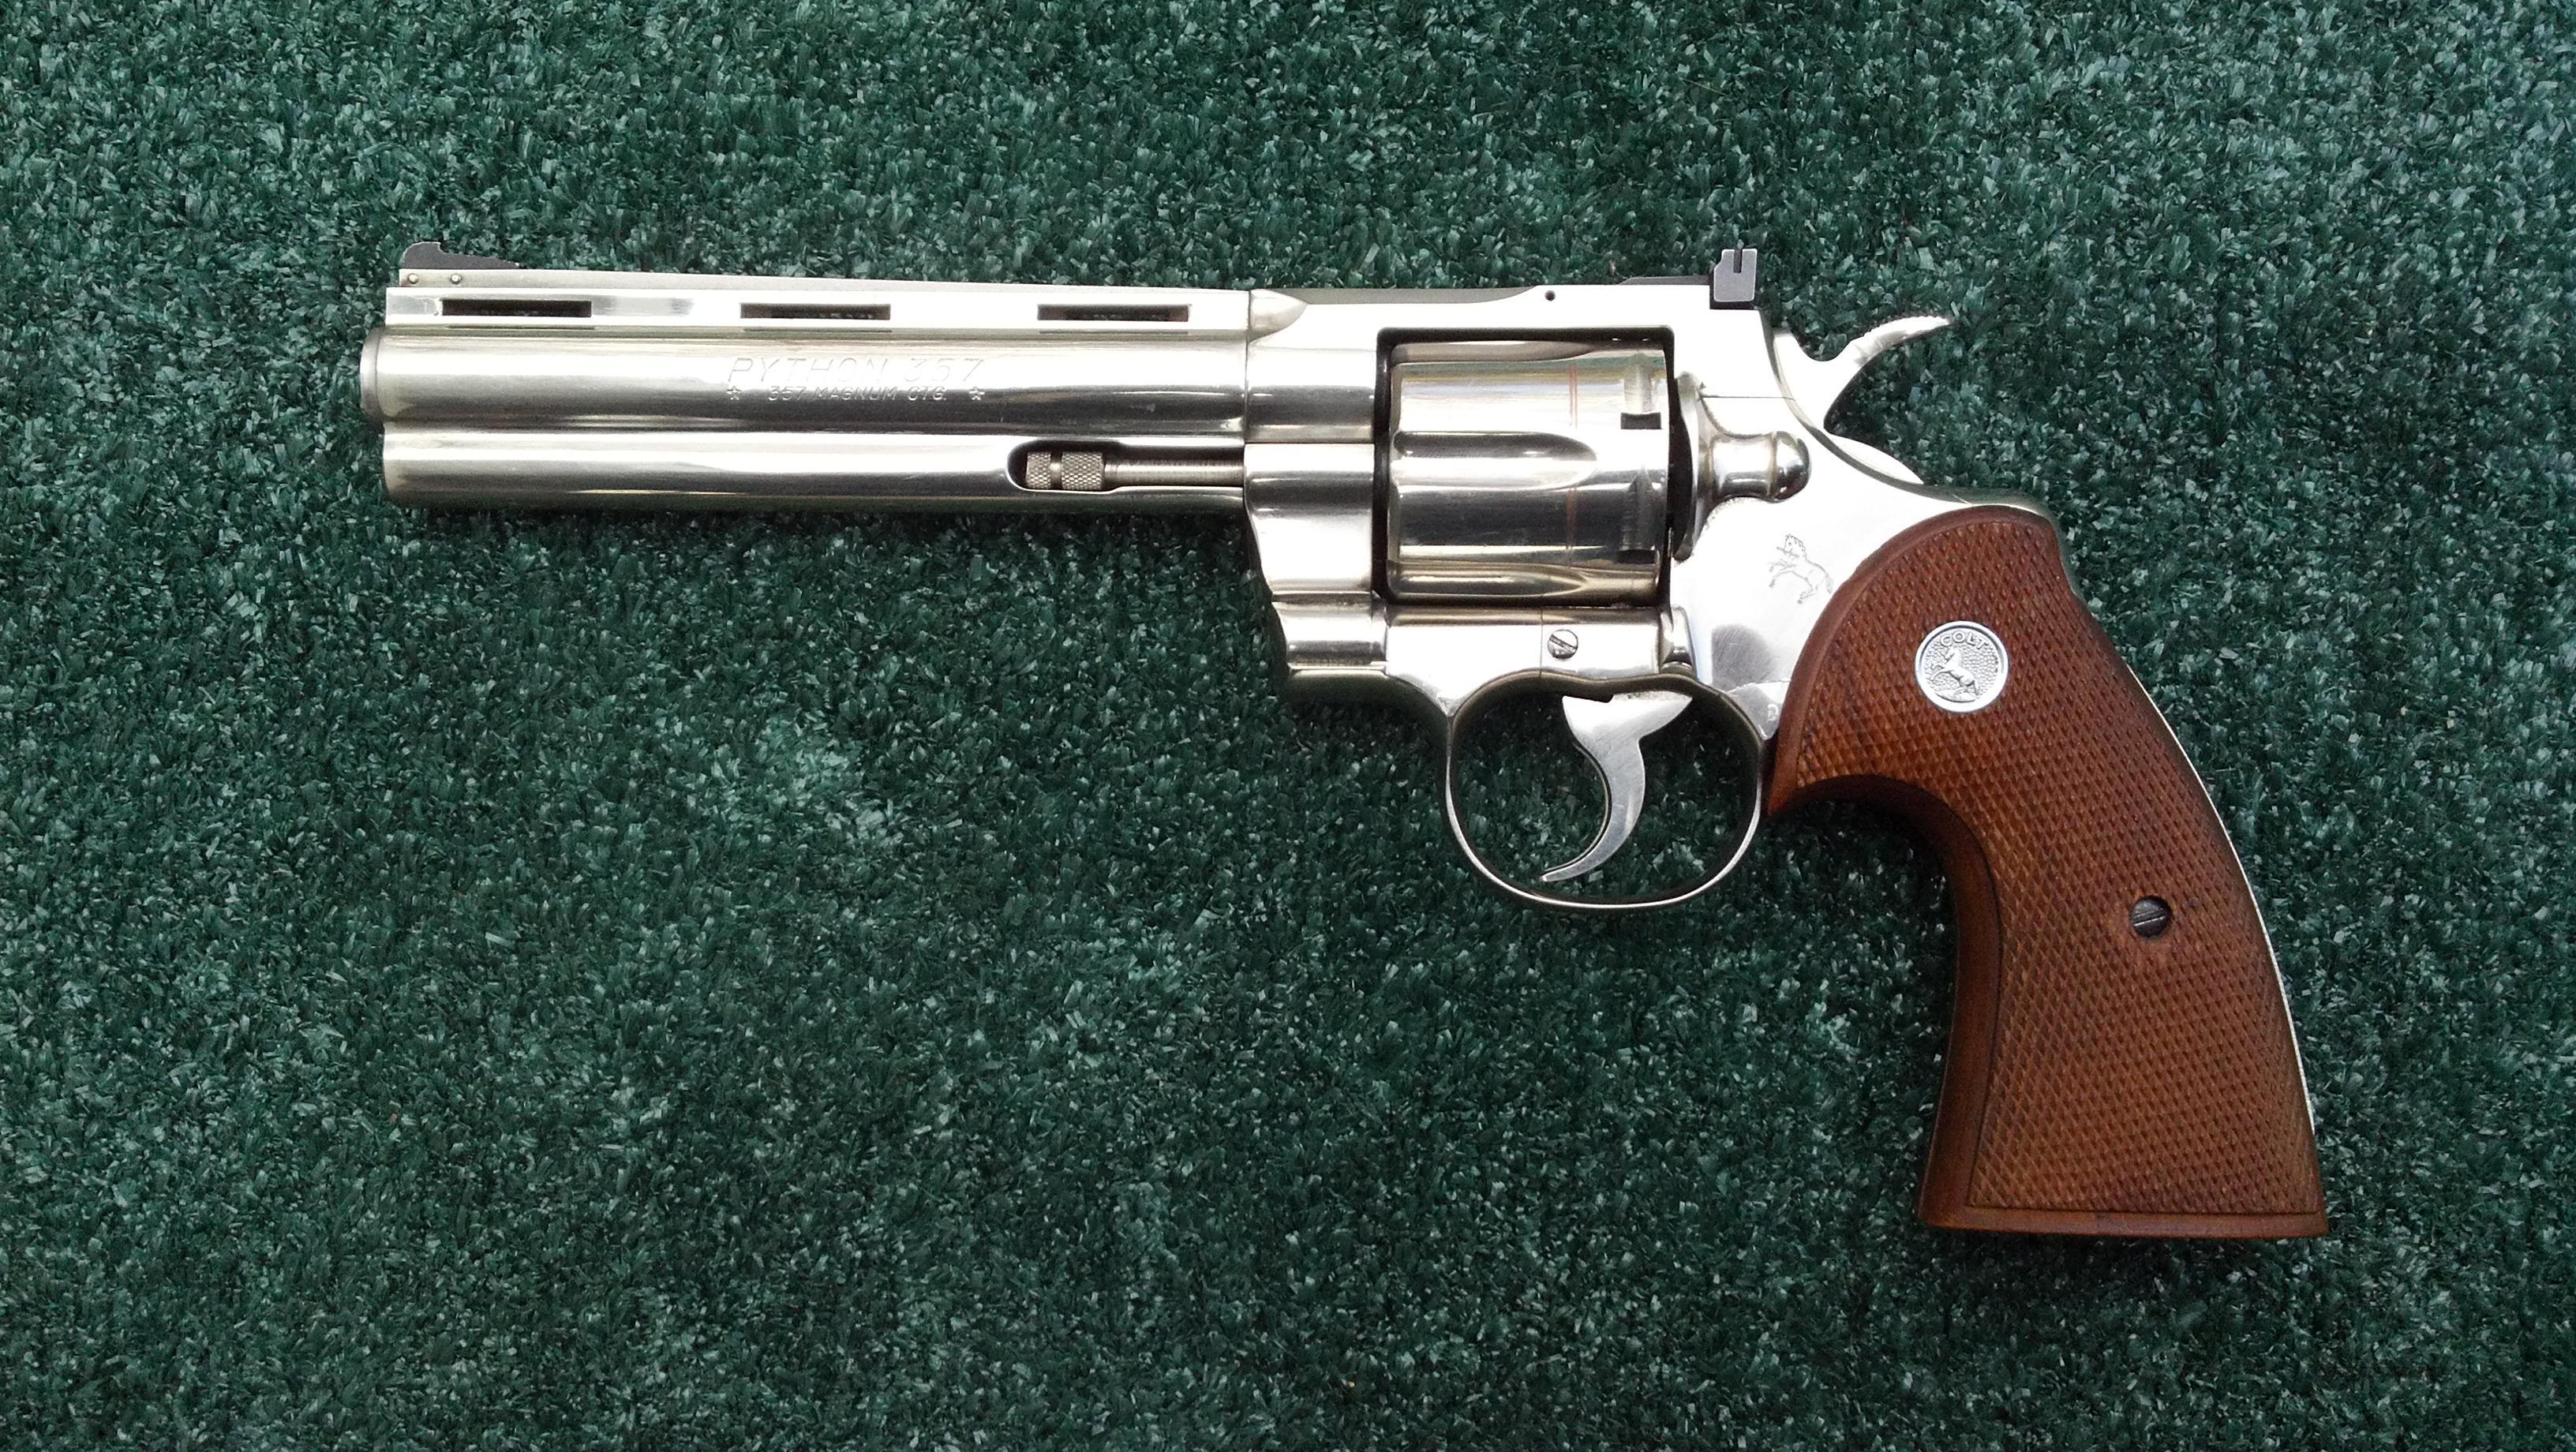 HQ Colt Python Revolver Wallpapers   File 1158.16Kb